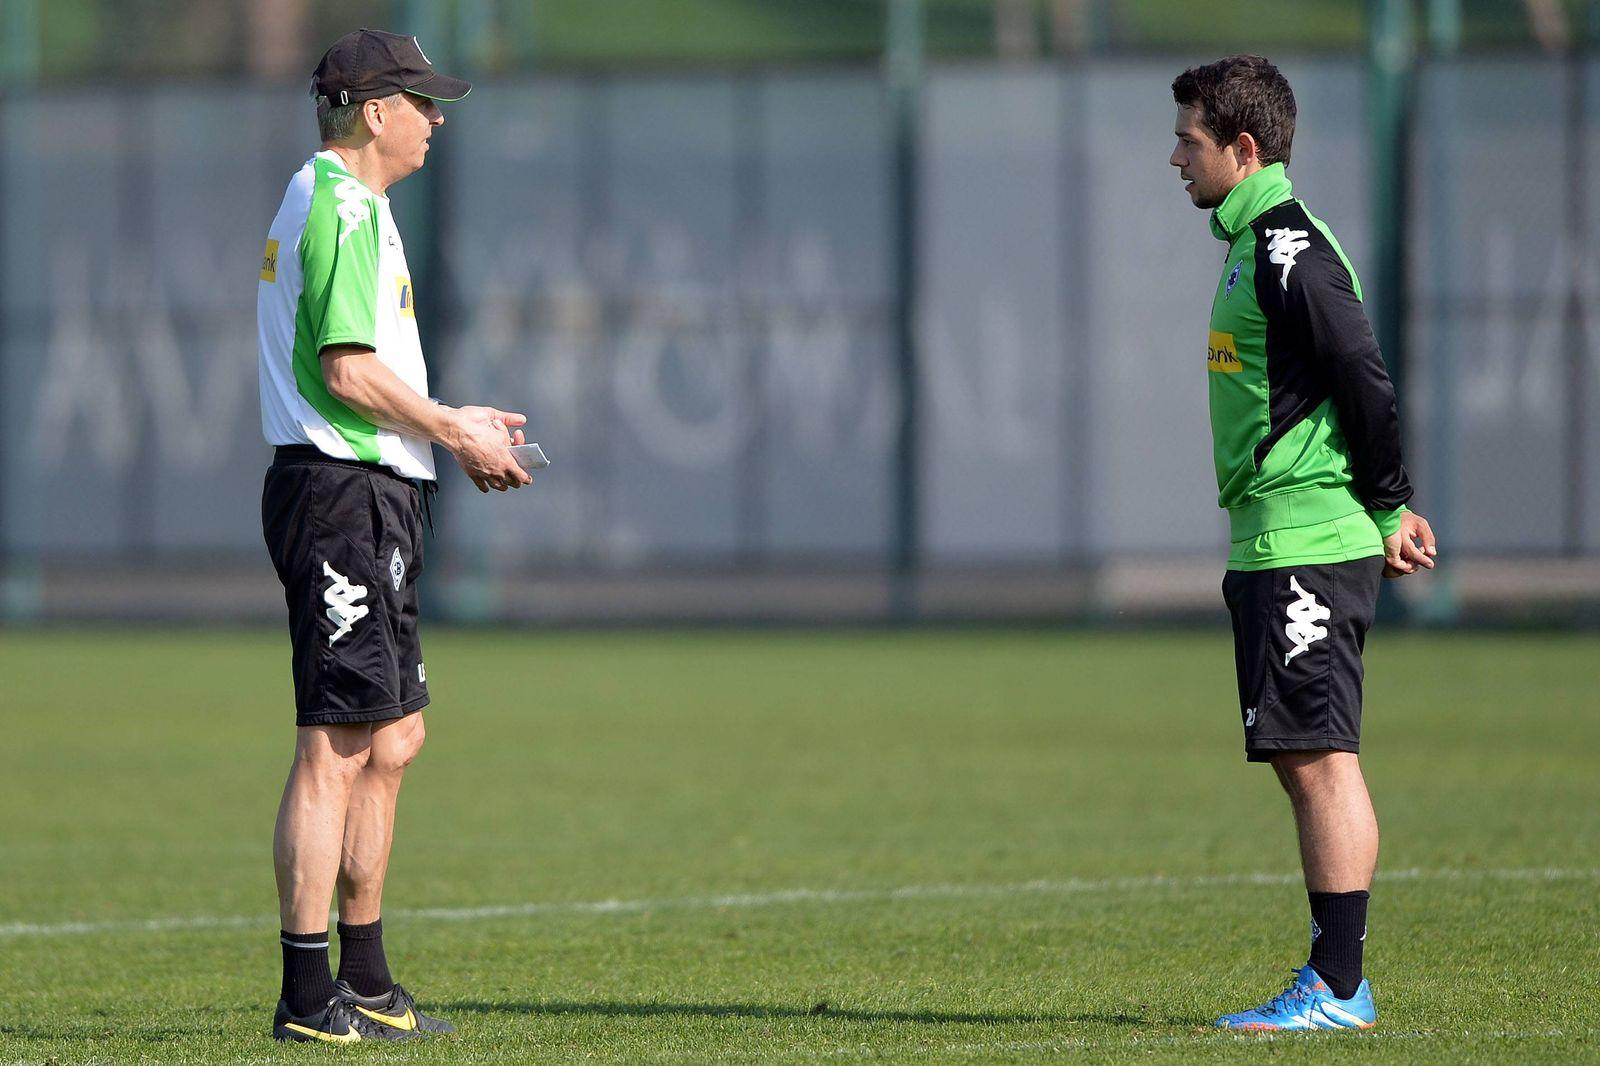 Borussia Mönchengladbach Training Fussball 1 Bundesliga 13 01 2014 Amin Younes Möncheng